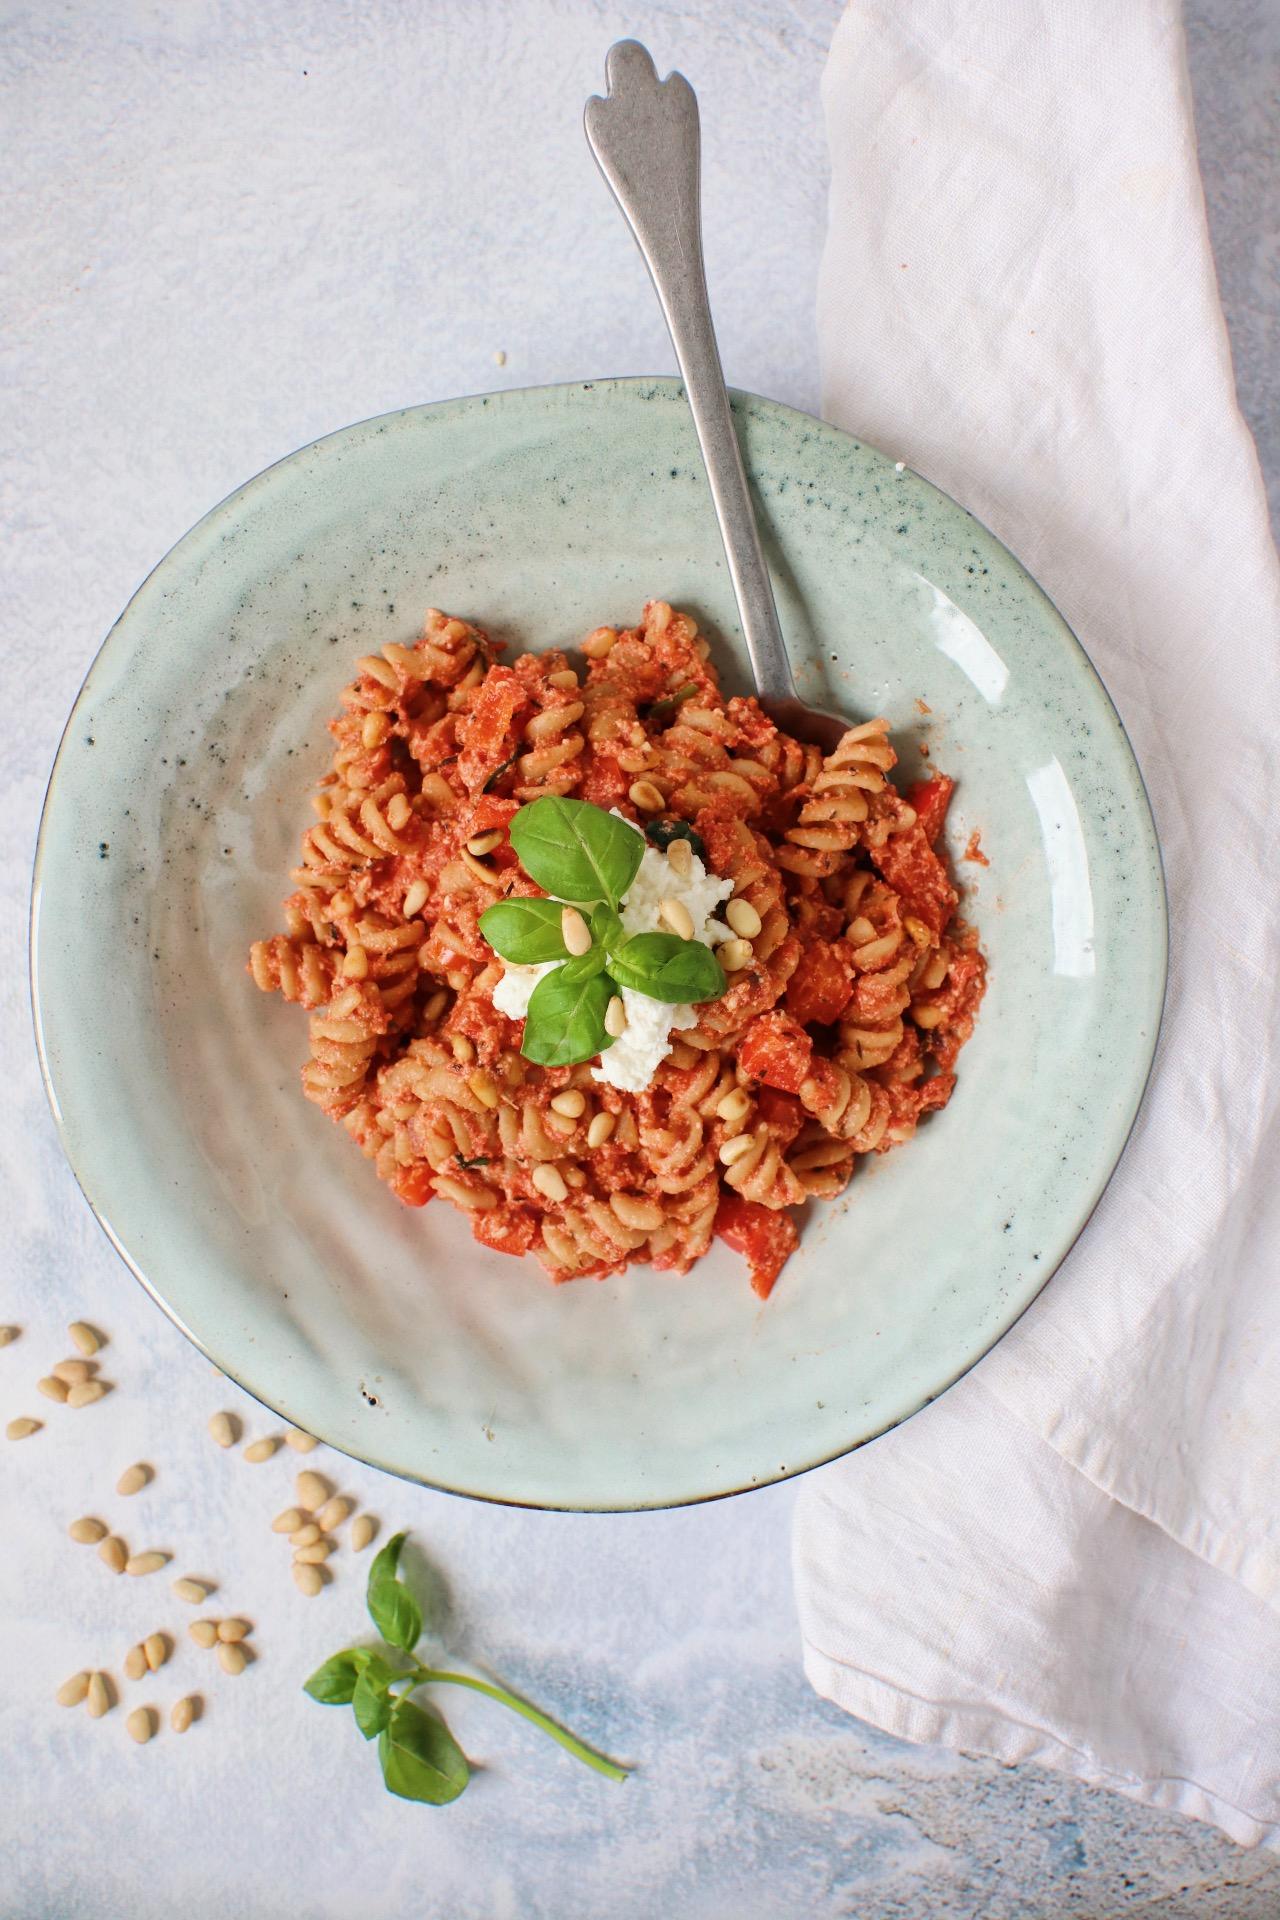 Pasta met tomaten ricotta saus www.jaimyskitchen.nl